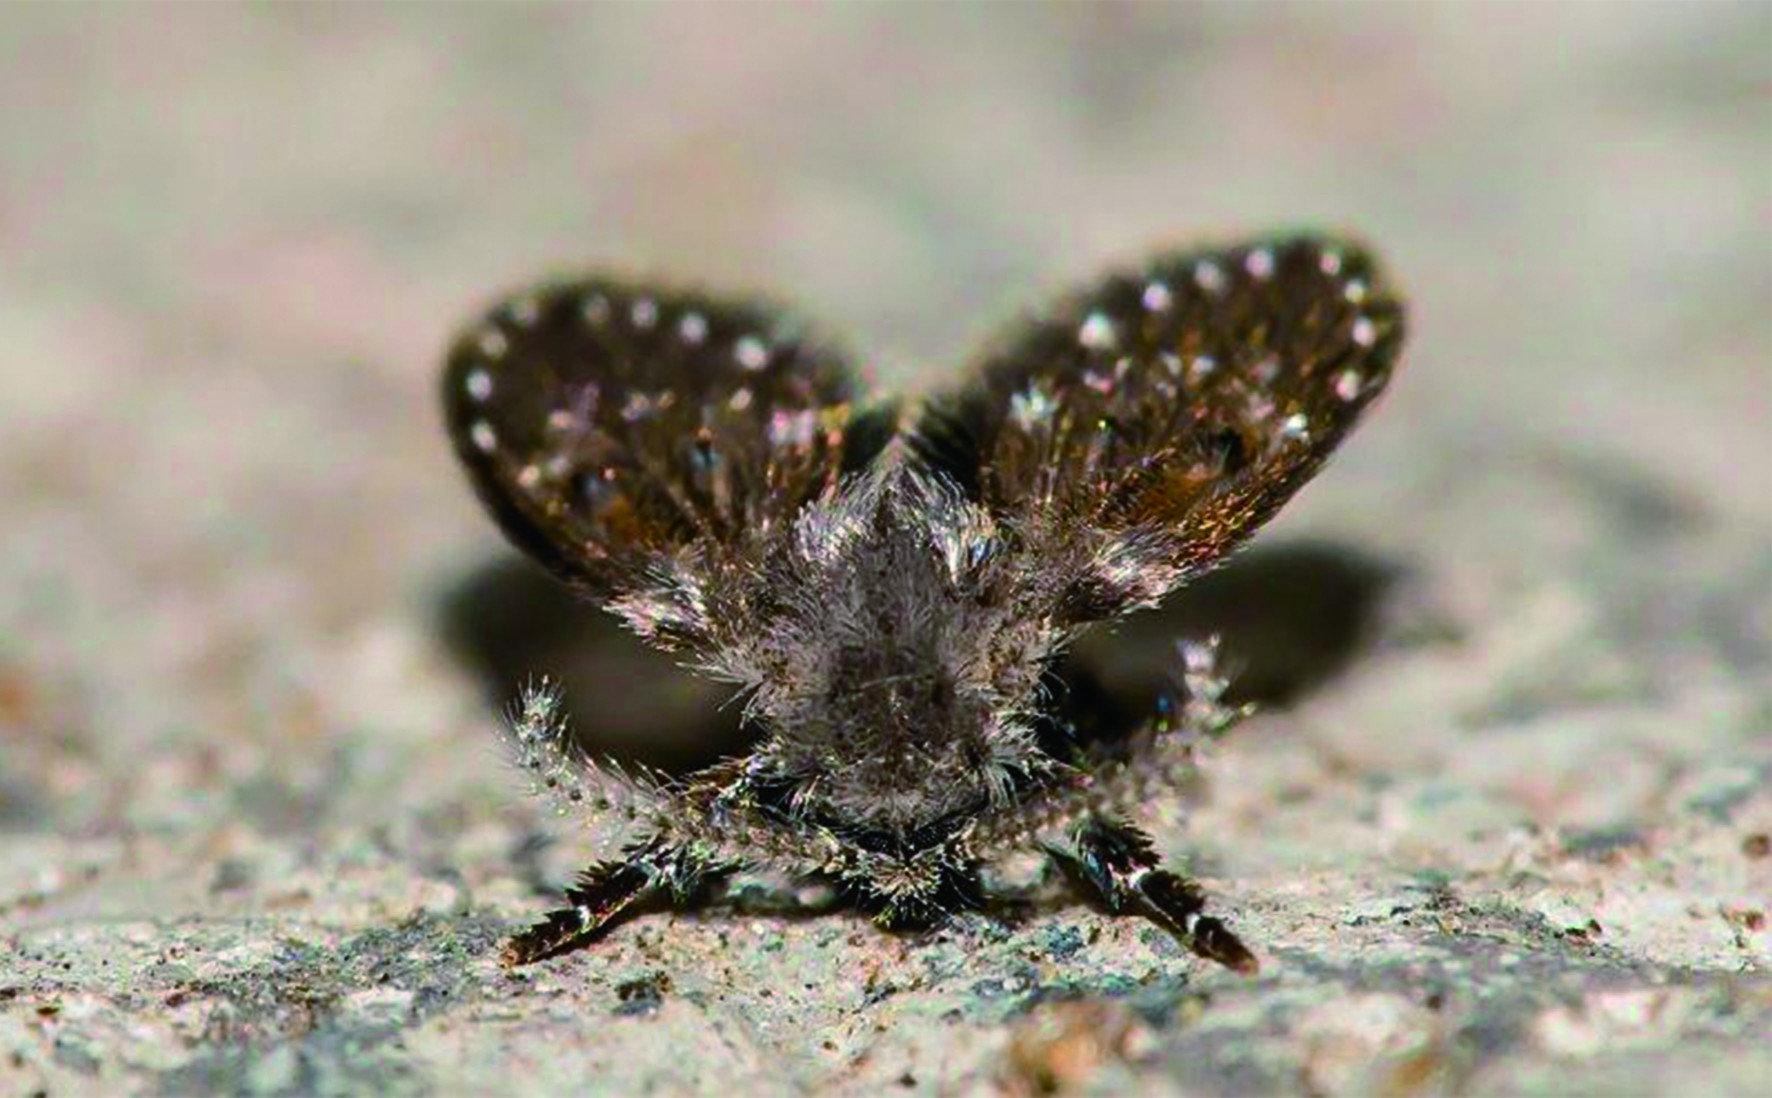 蛾蚋的身軀光滑,佈滿纖毛的牠可能攜帶大量細菌甚至病原體。如果飄落在食物、器皿上,更是直接威脅人類健康。甚至在室內的蛾蚋死亡後,屍體風化分解混入塵埃,體質敏感者吸入,可能引起氣管過敏、哮喘等過敏症狀。